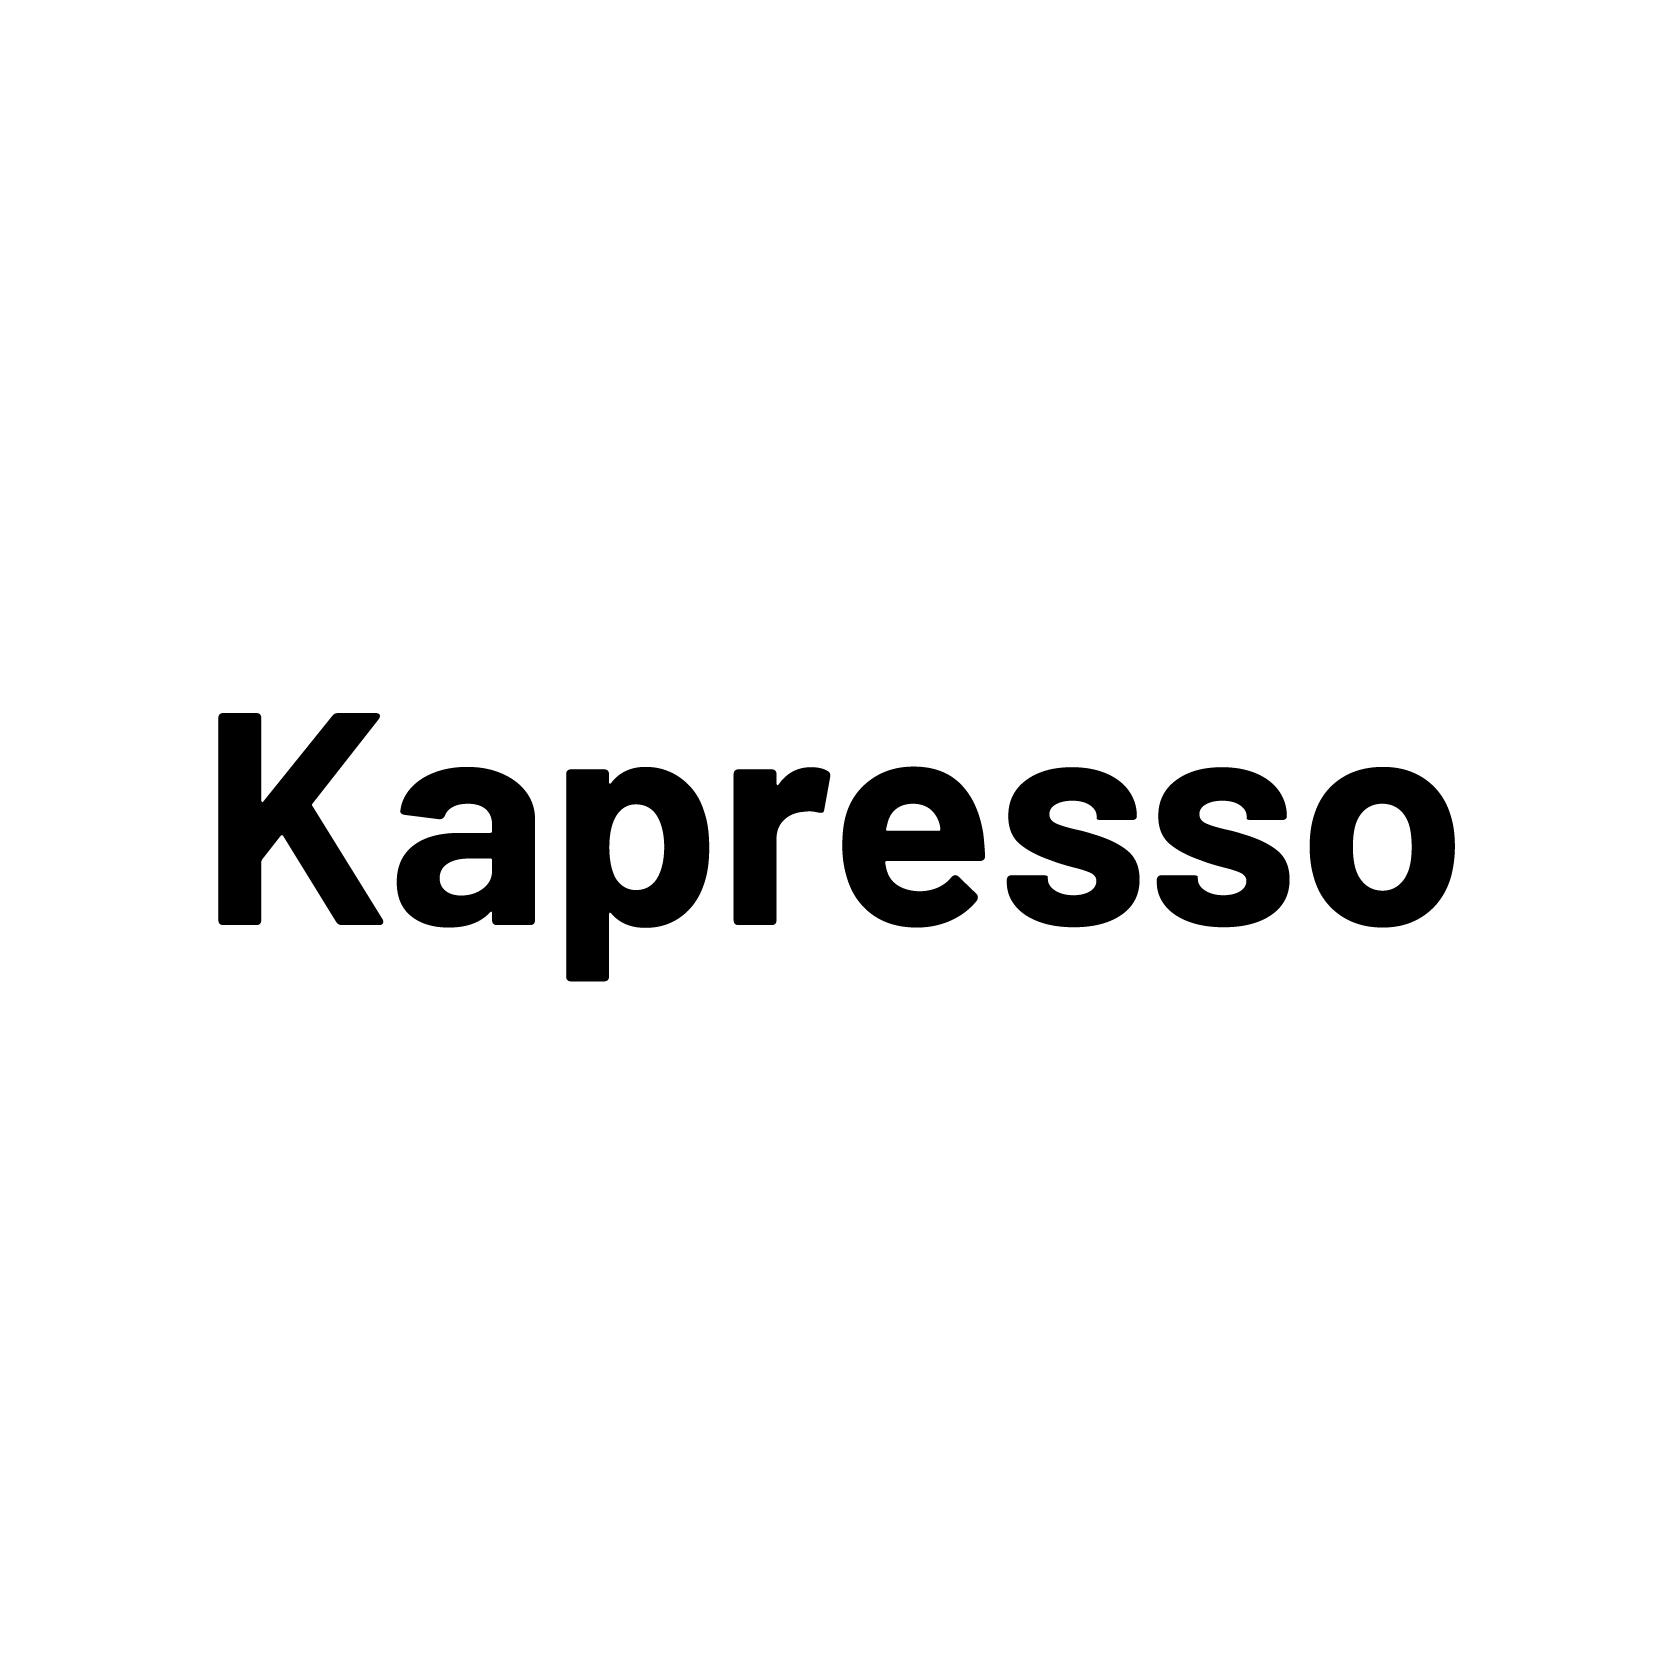 Kapresso